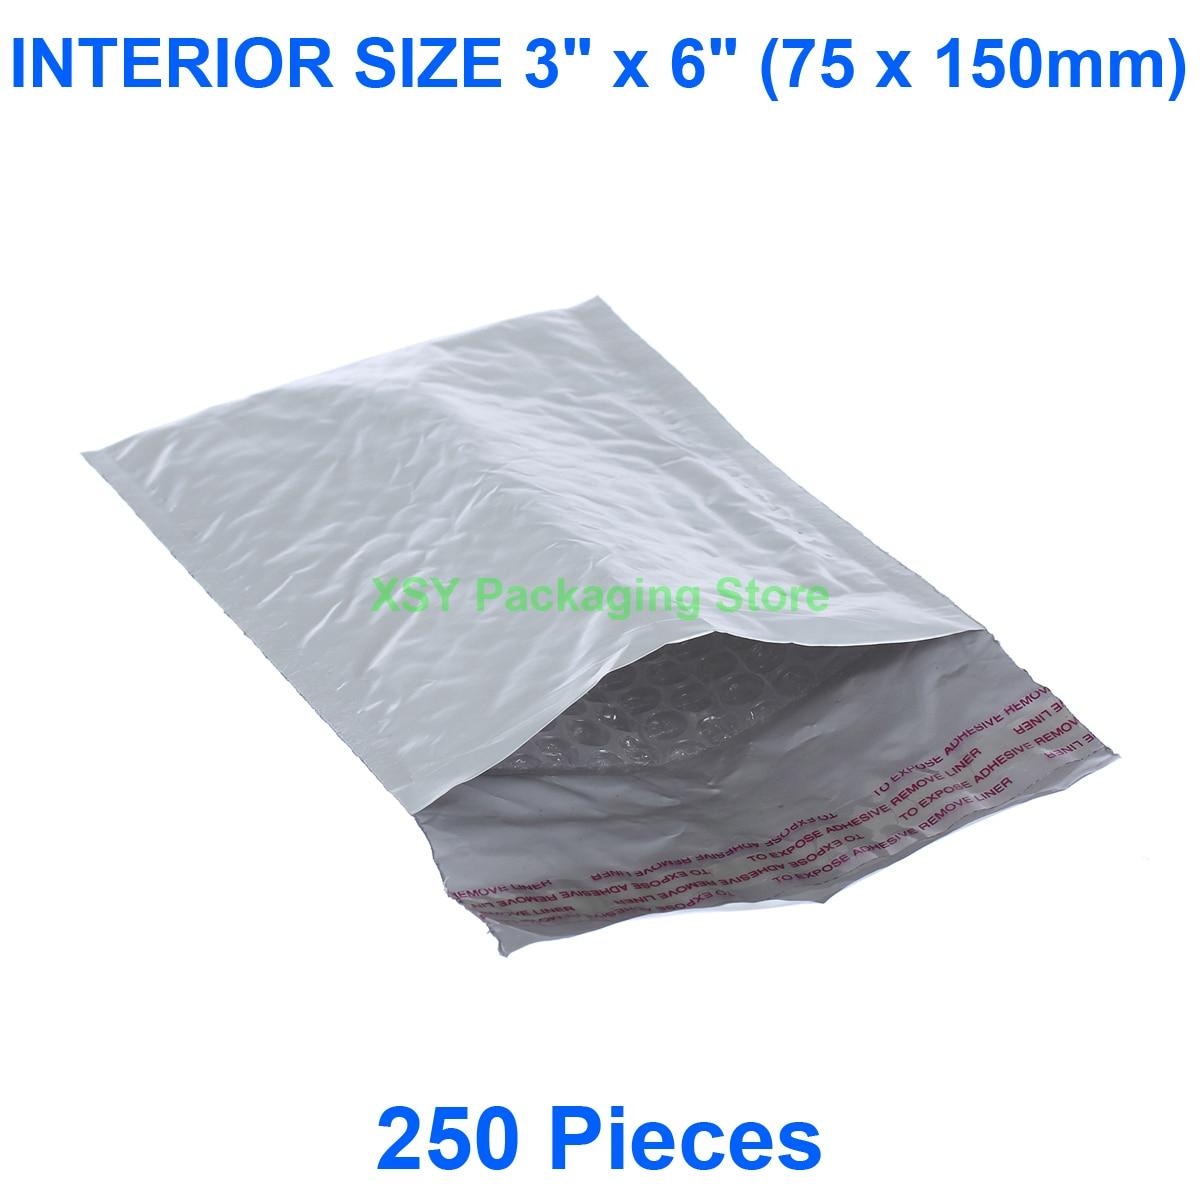 """250 шт. воздушно-пузырьковая плёнка объемные конверты внутренний размер 3 """"x 6"""" (75x150 мм) почтовые отправители маленькие почтовые пакеты"""